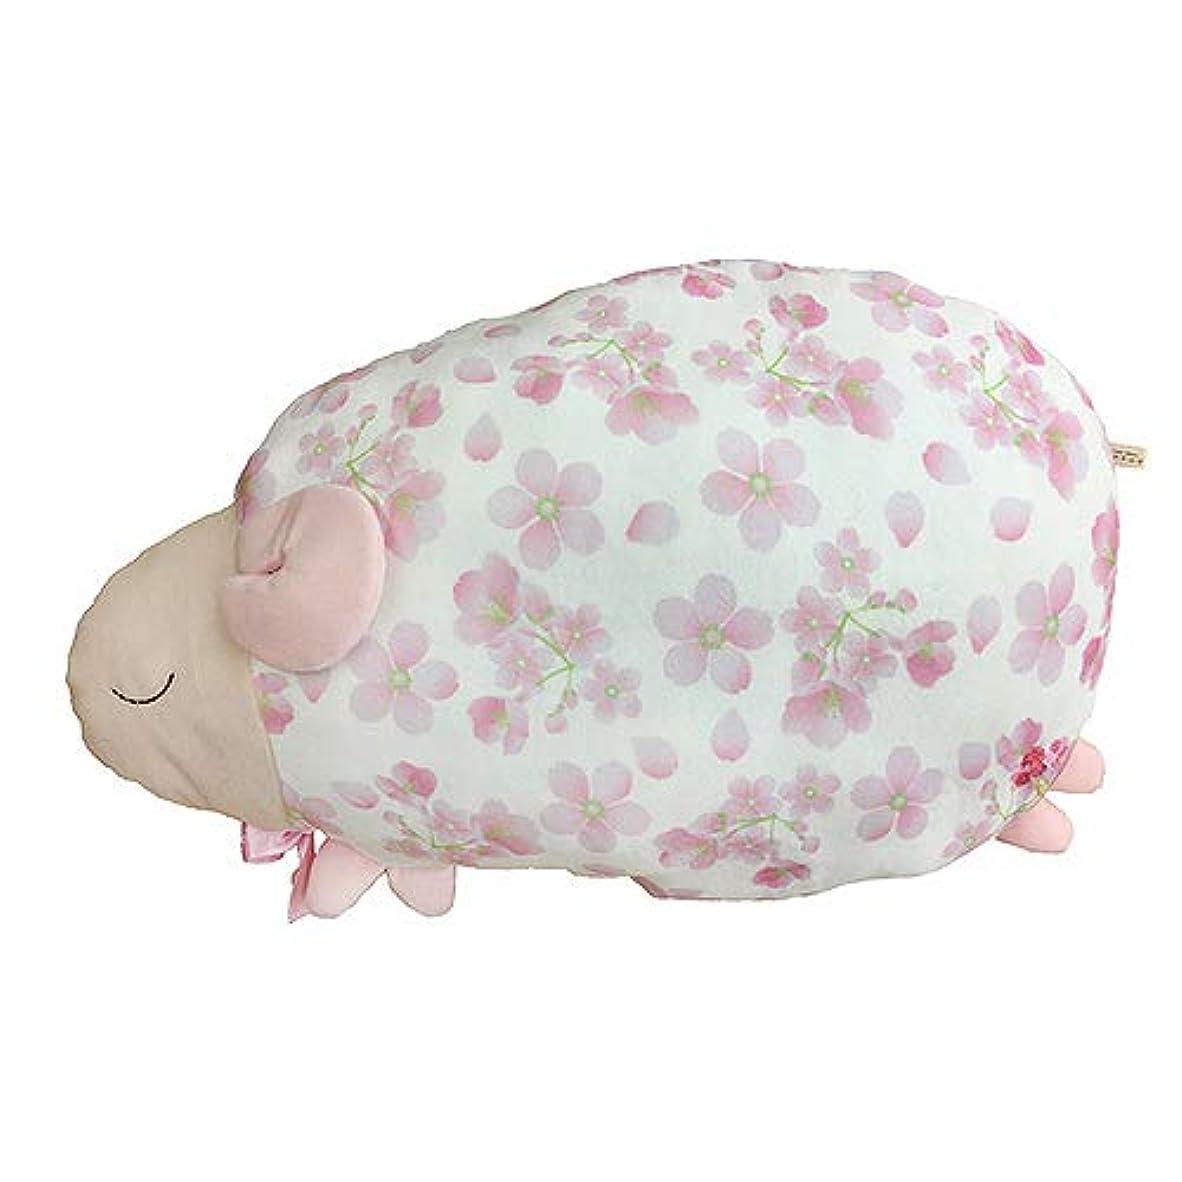 アコード好意経歴ほんやら堂 ふんわり桜咲くおやすみ羊 抱きまくら ピンク 約35x49x15cm RLK38348